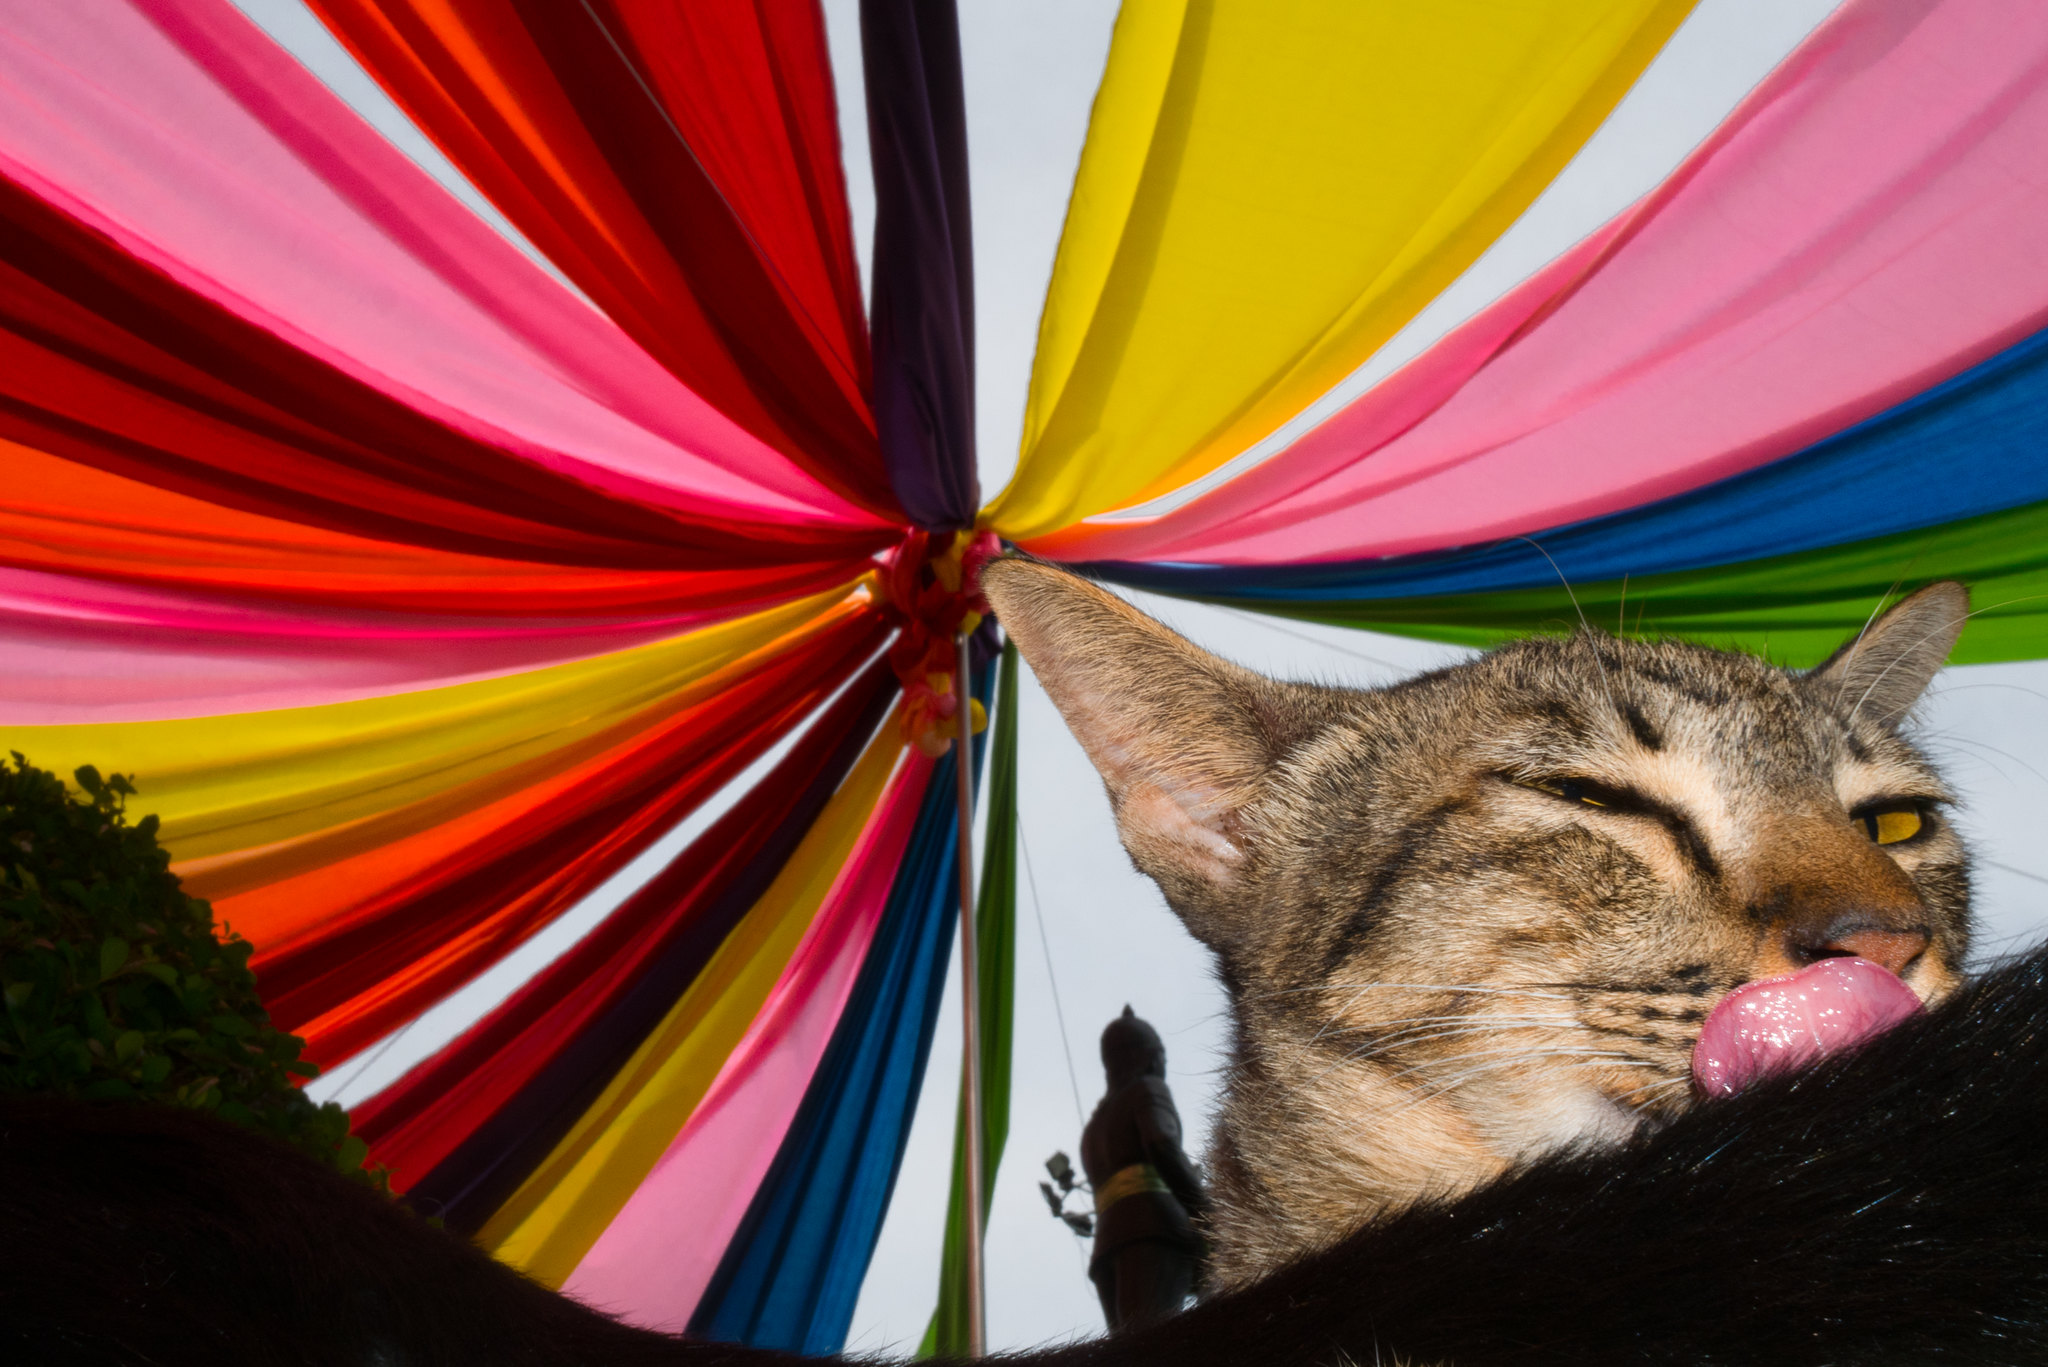 Imposture Cat